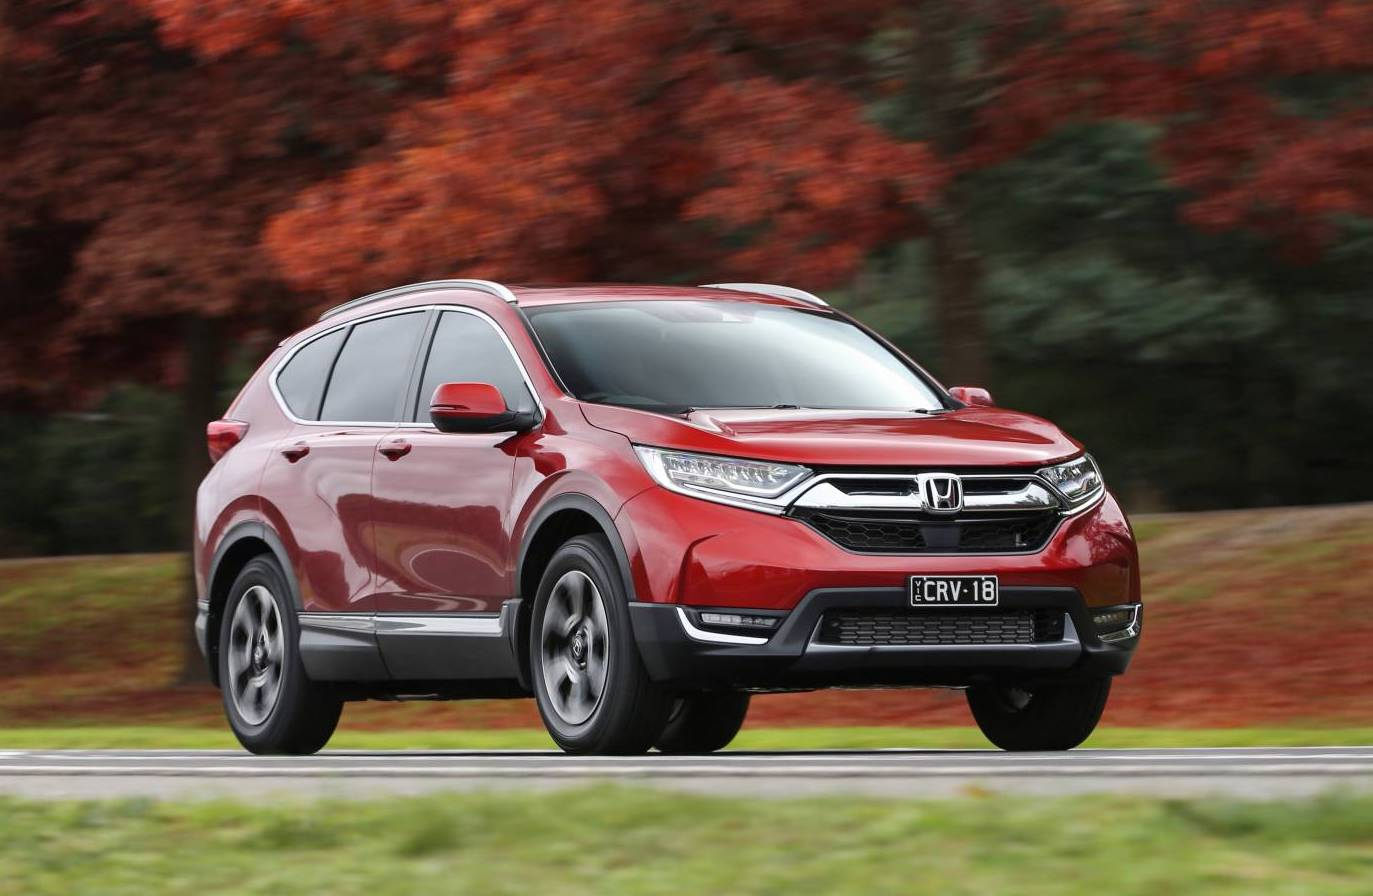 2018 Honda Cr V Vti Lx 1 5 Turbo Review Top10cars